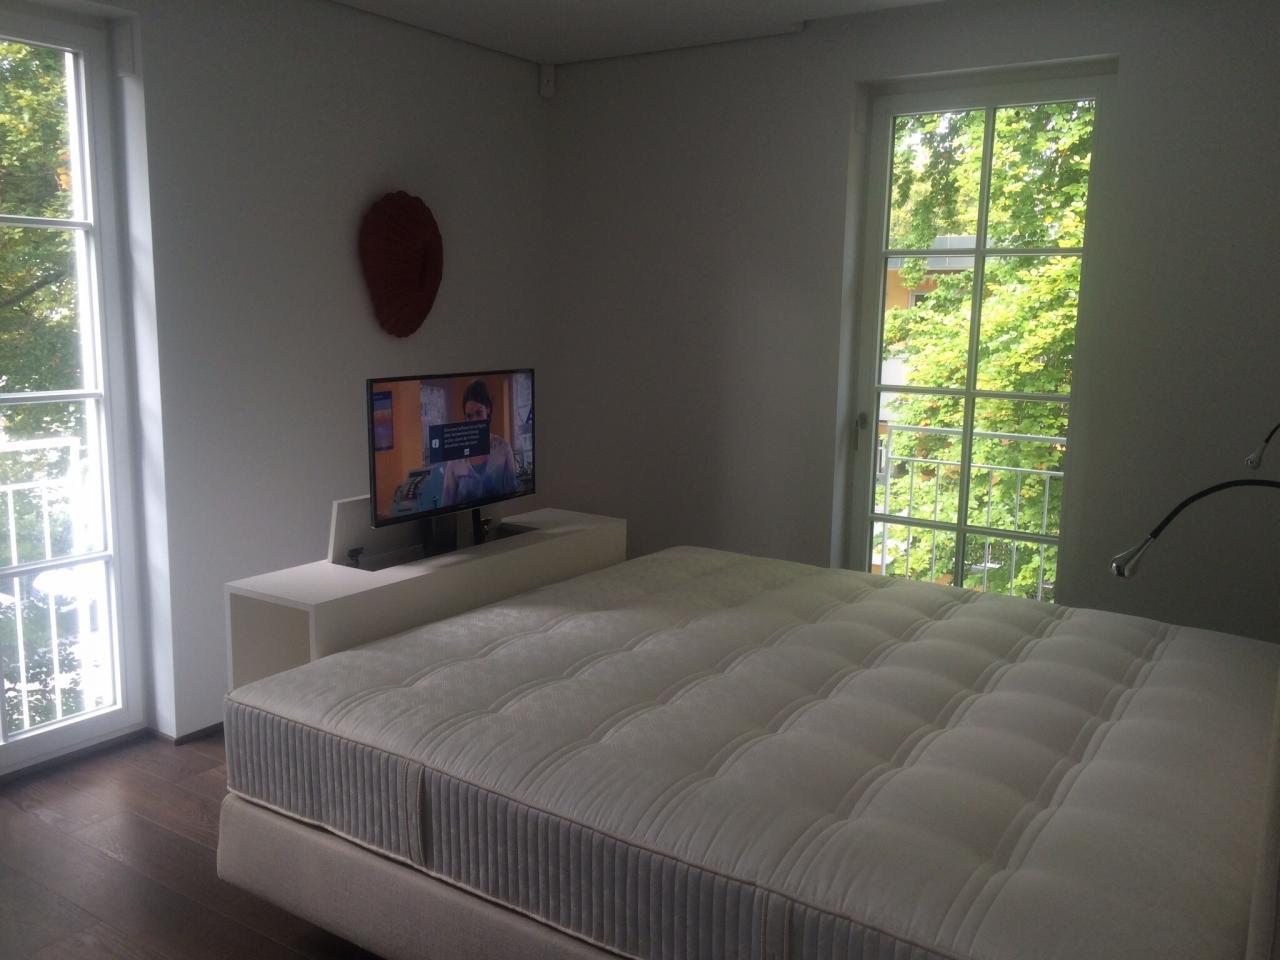 tv im schlafzimmer | bnbnews.co